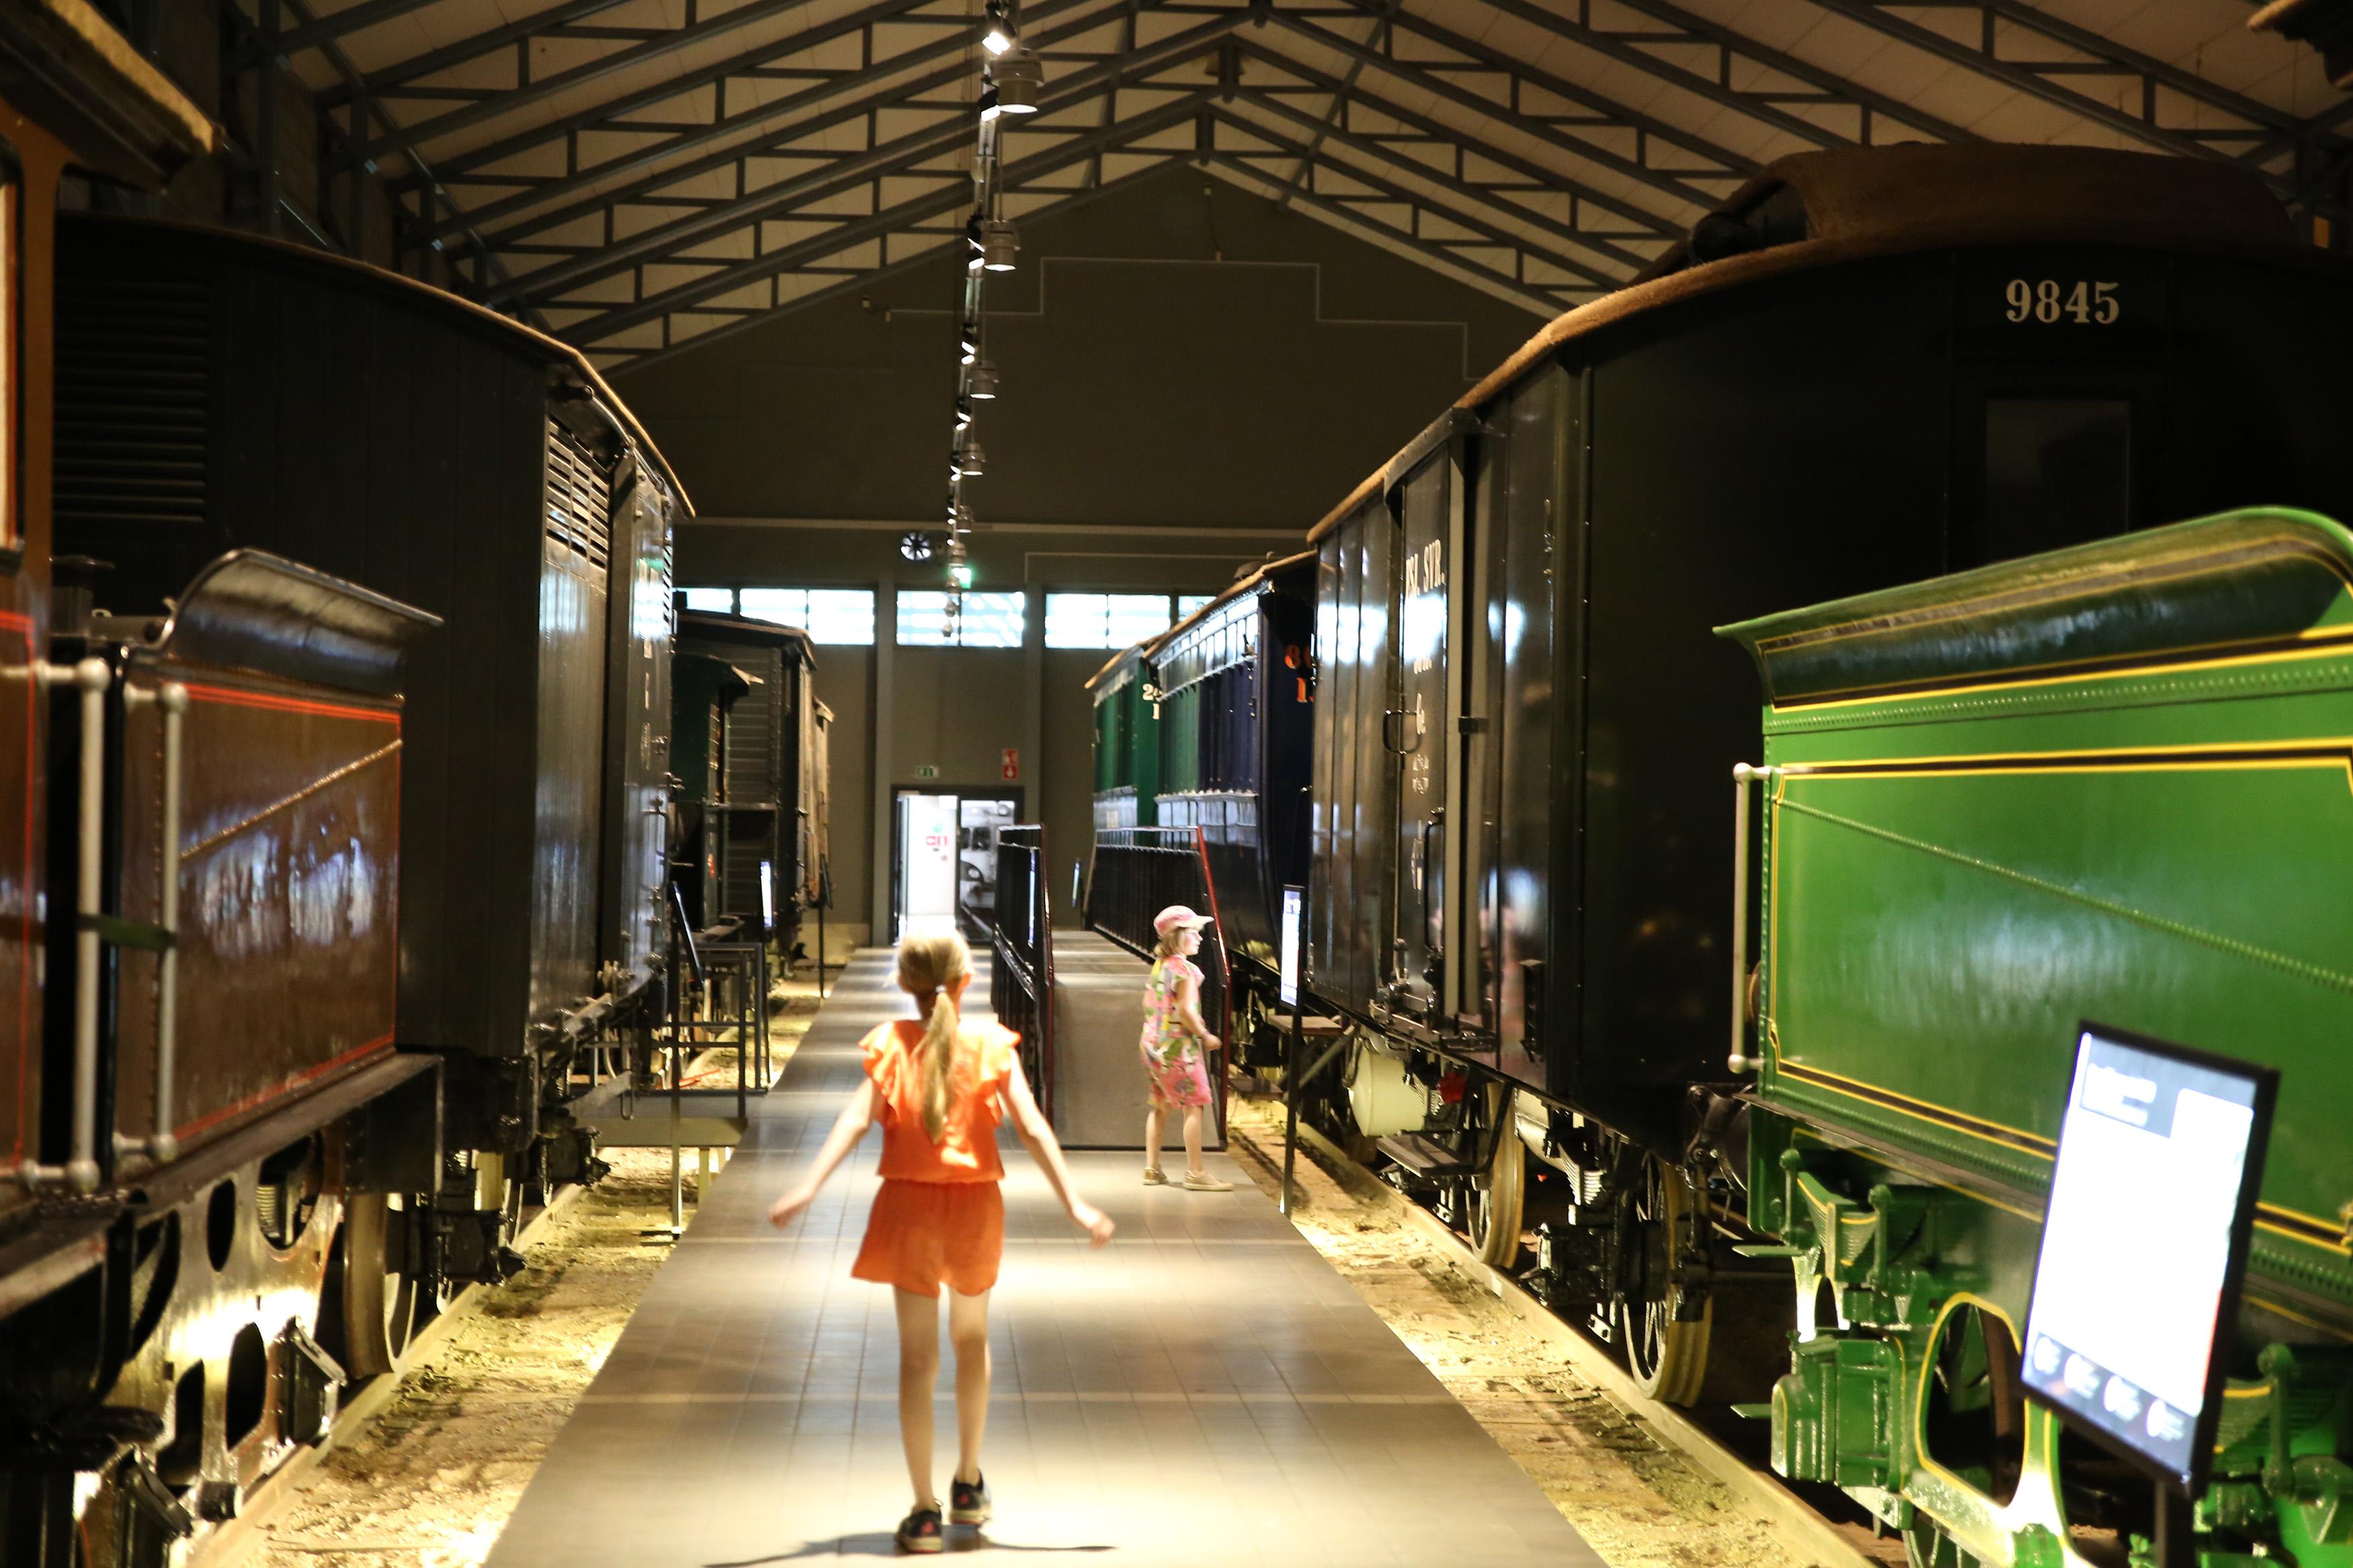 Kaksi lasta tutustuu Rautatiemuseon näyttelyyn museon näyttelyhallissa.